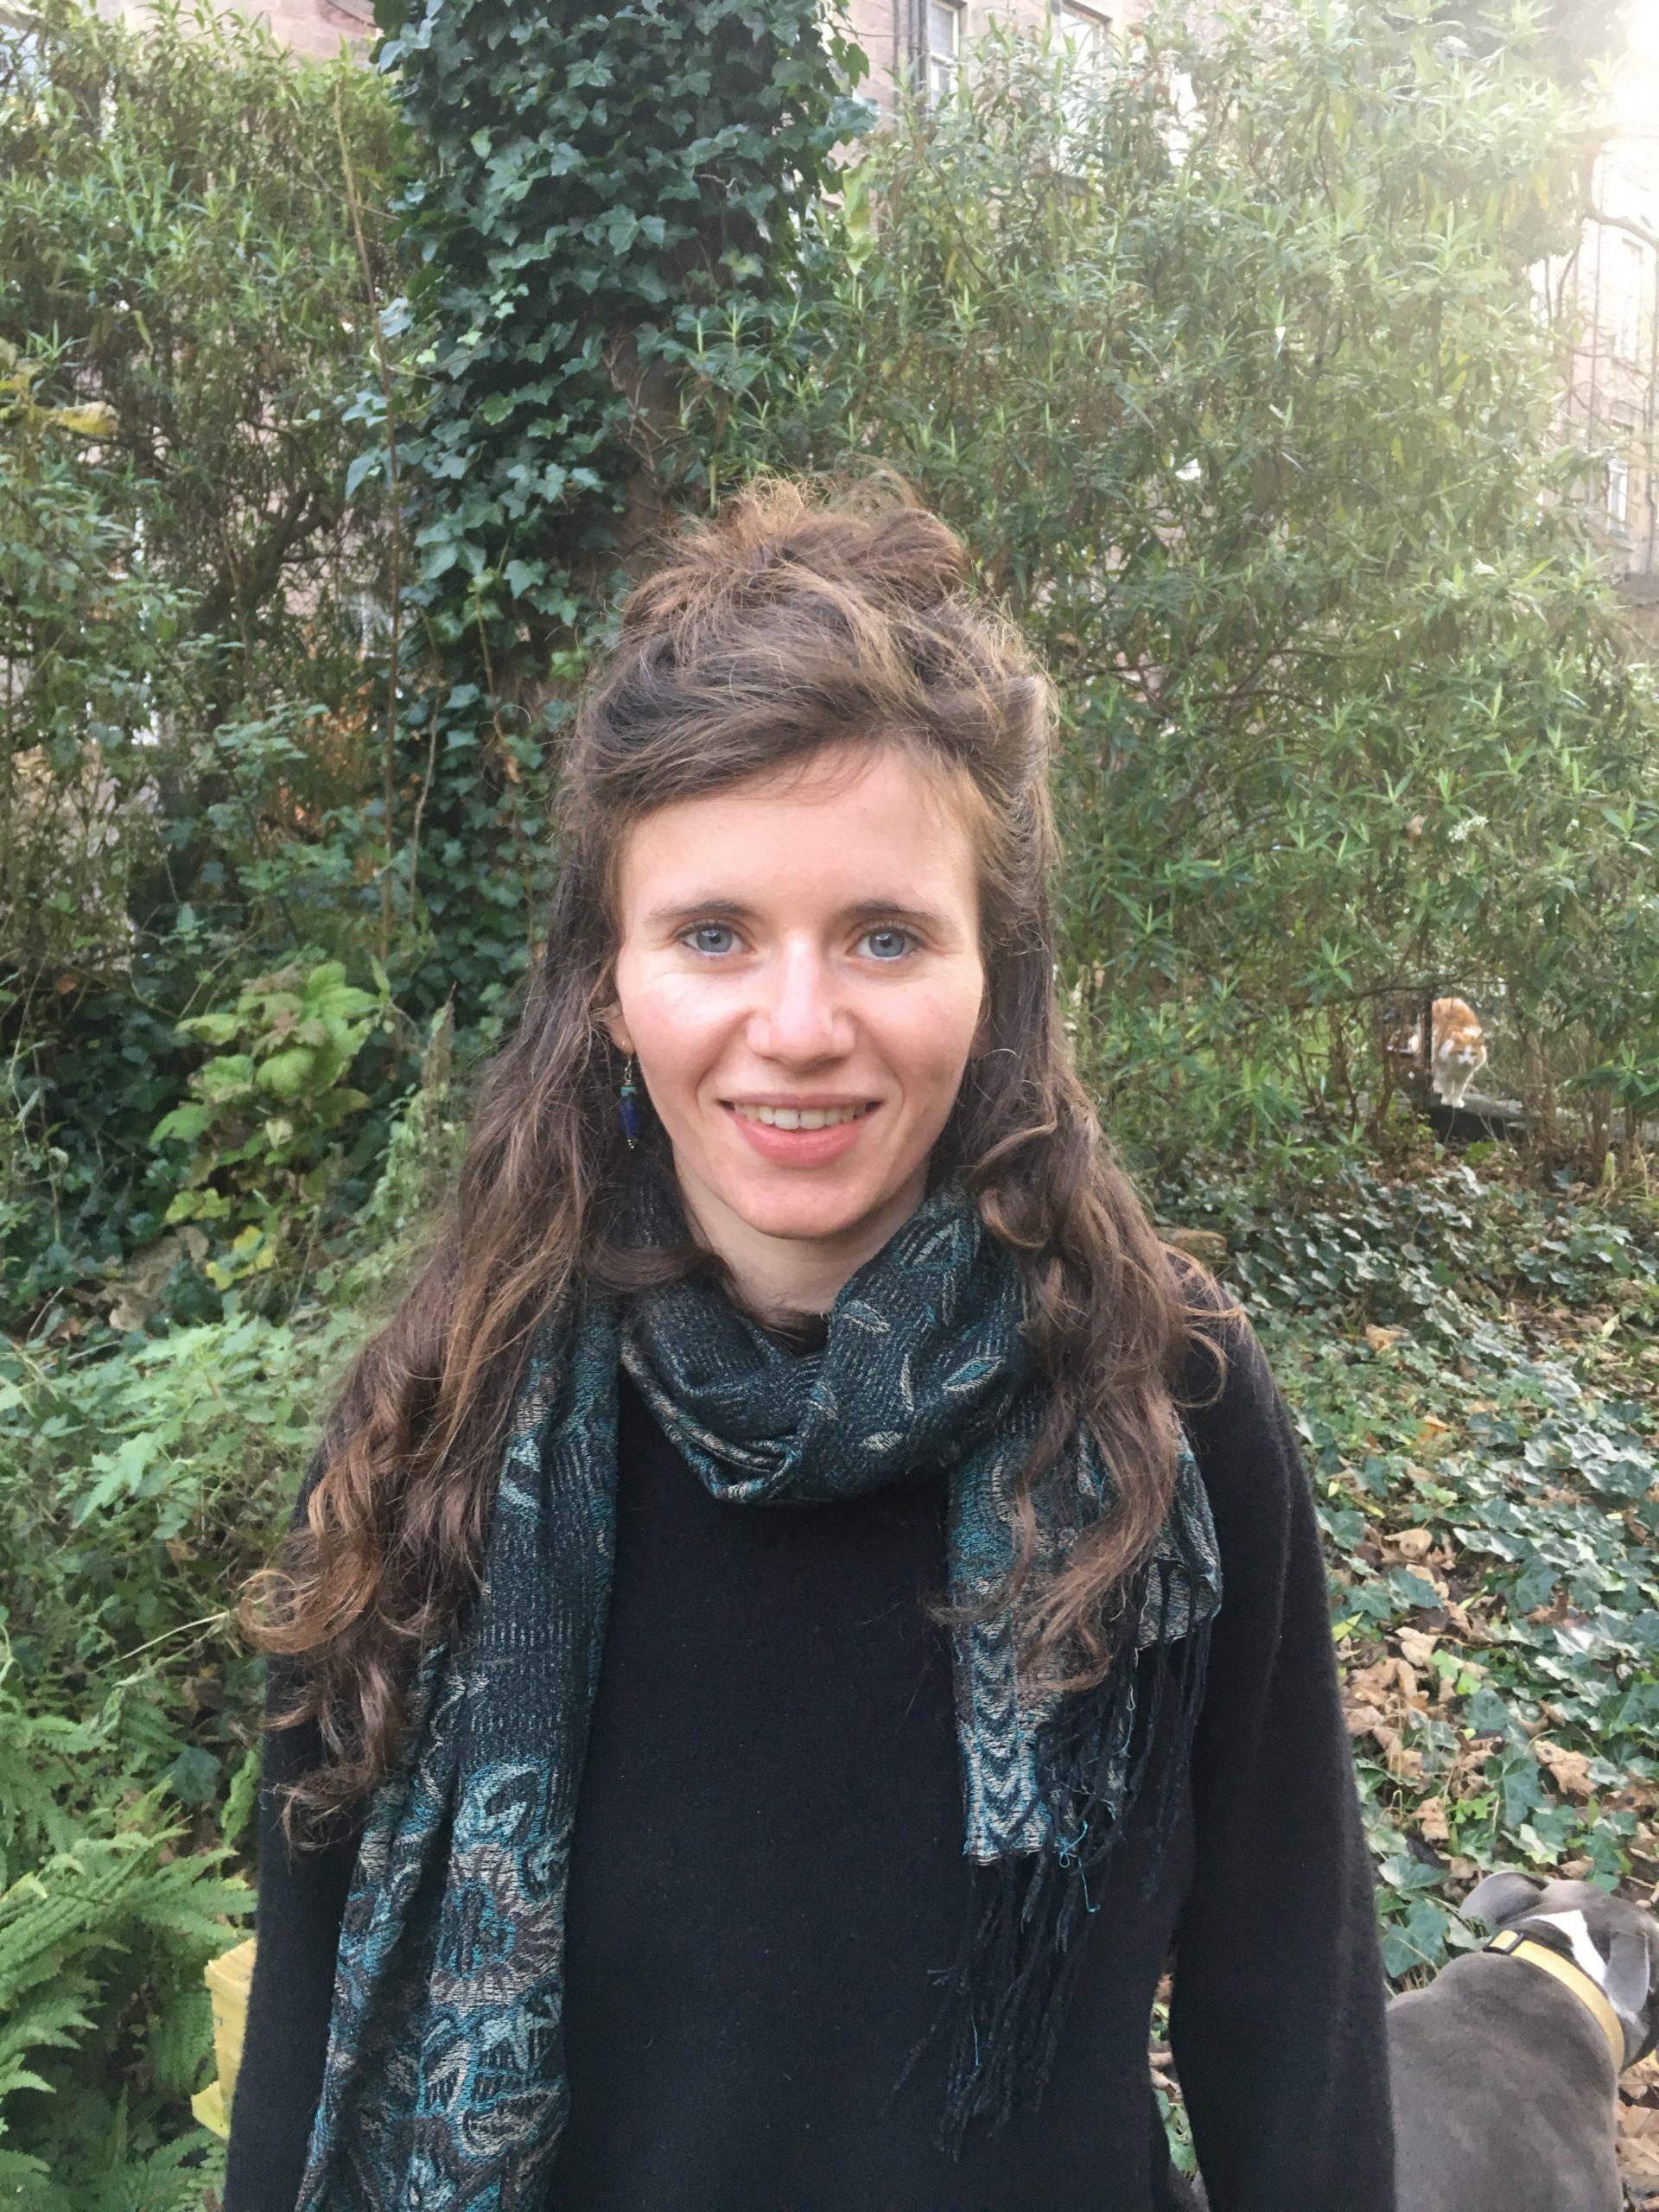 Alice Brawley